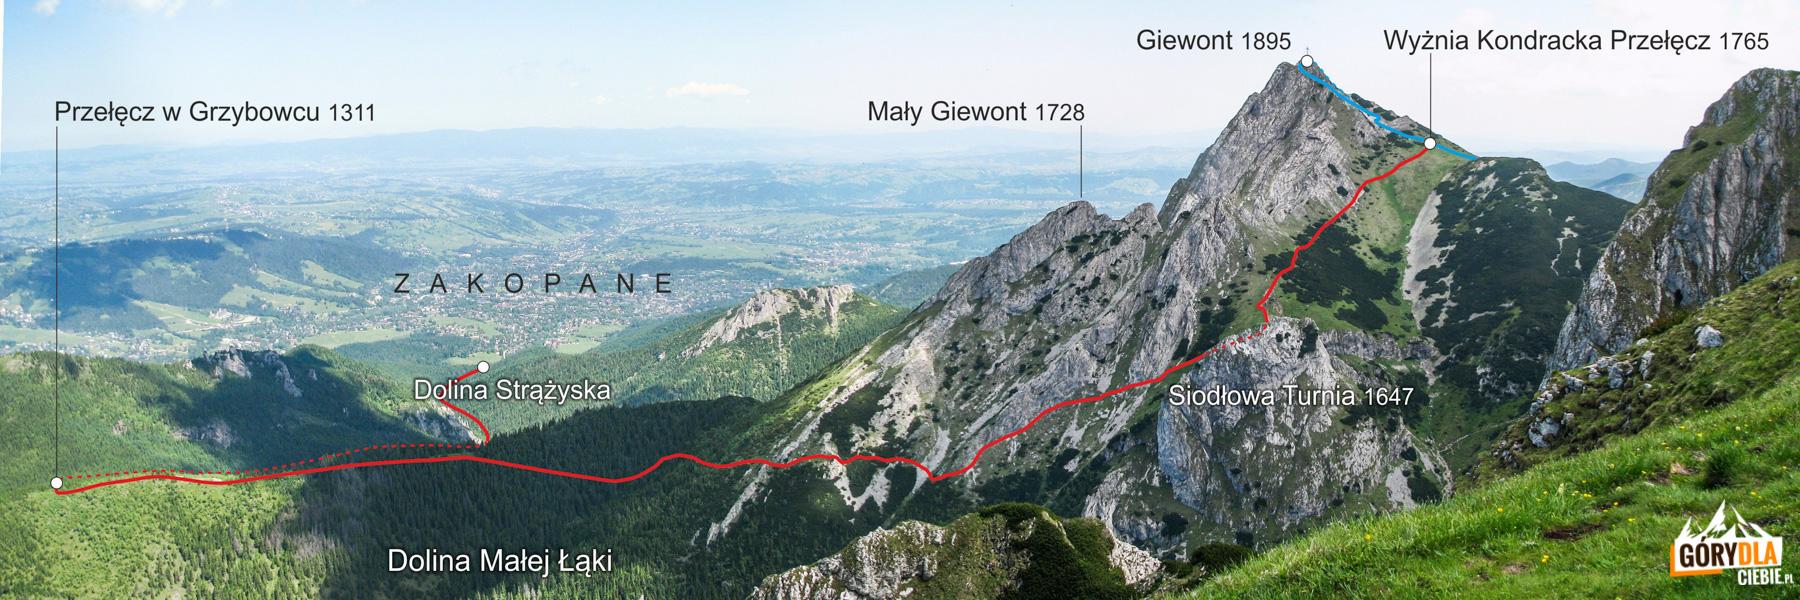 Wejście na Giewont czerwonym szlakiem przez Przełęcz w Grzybowcu